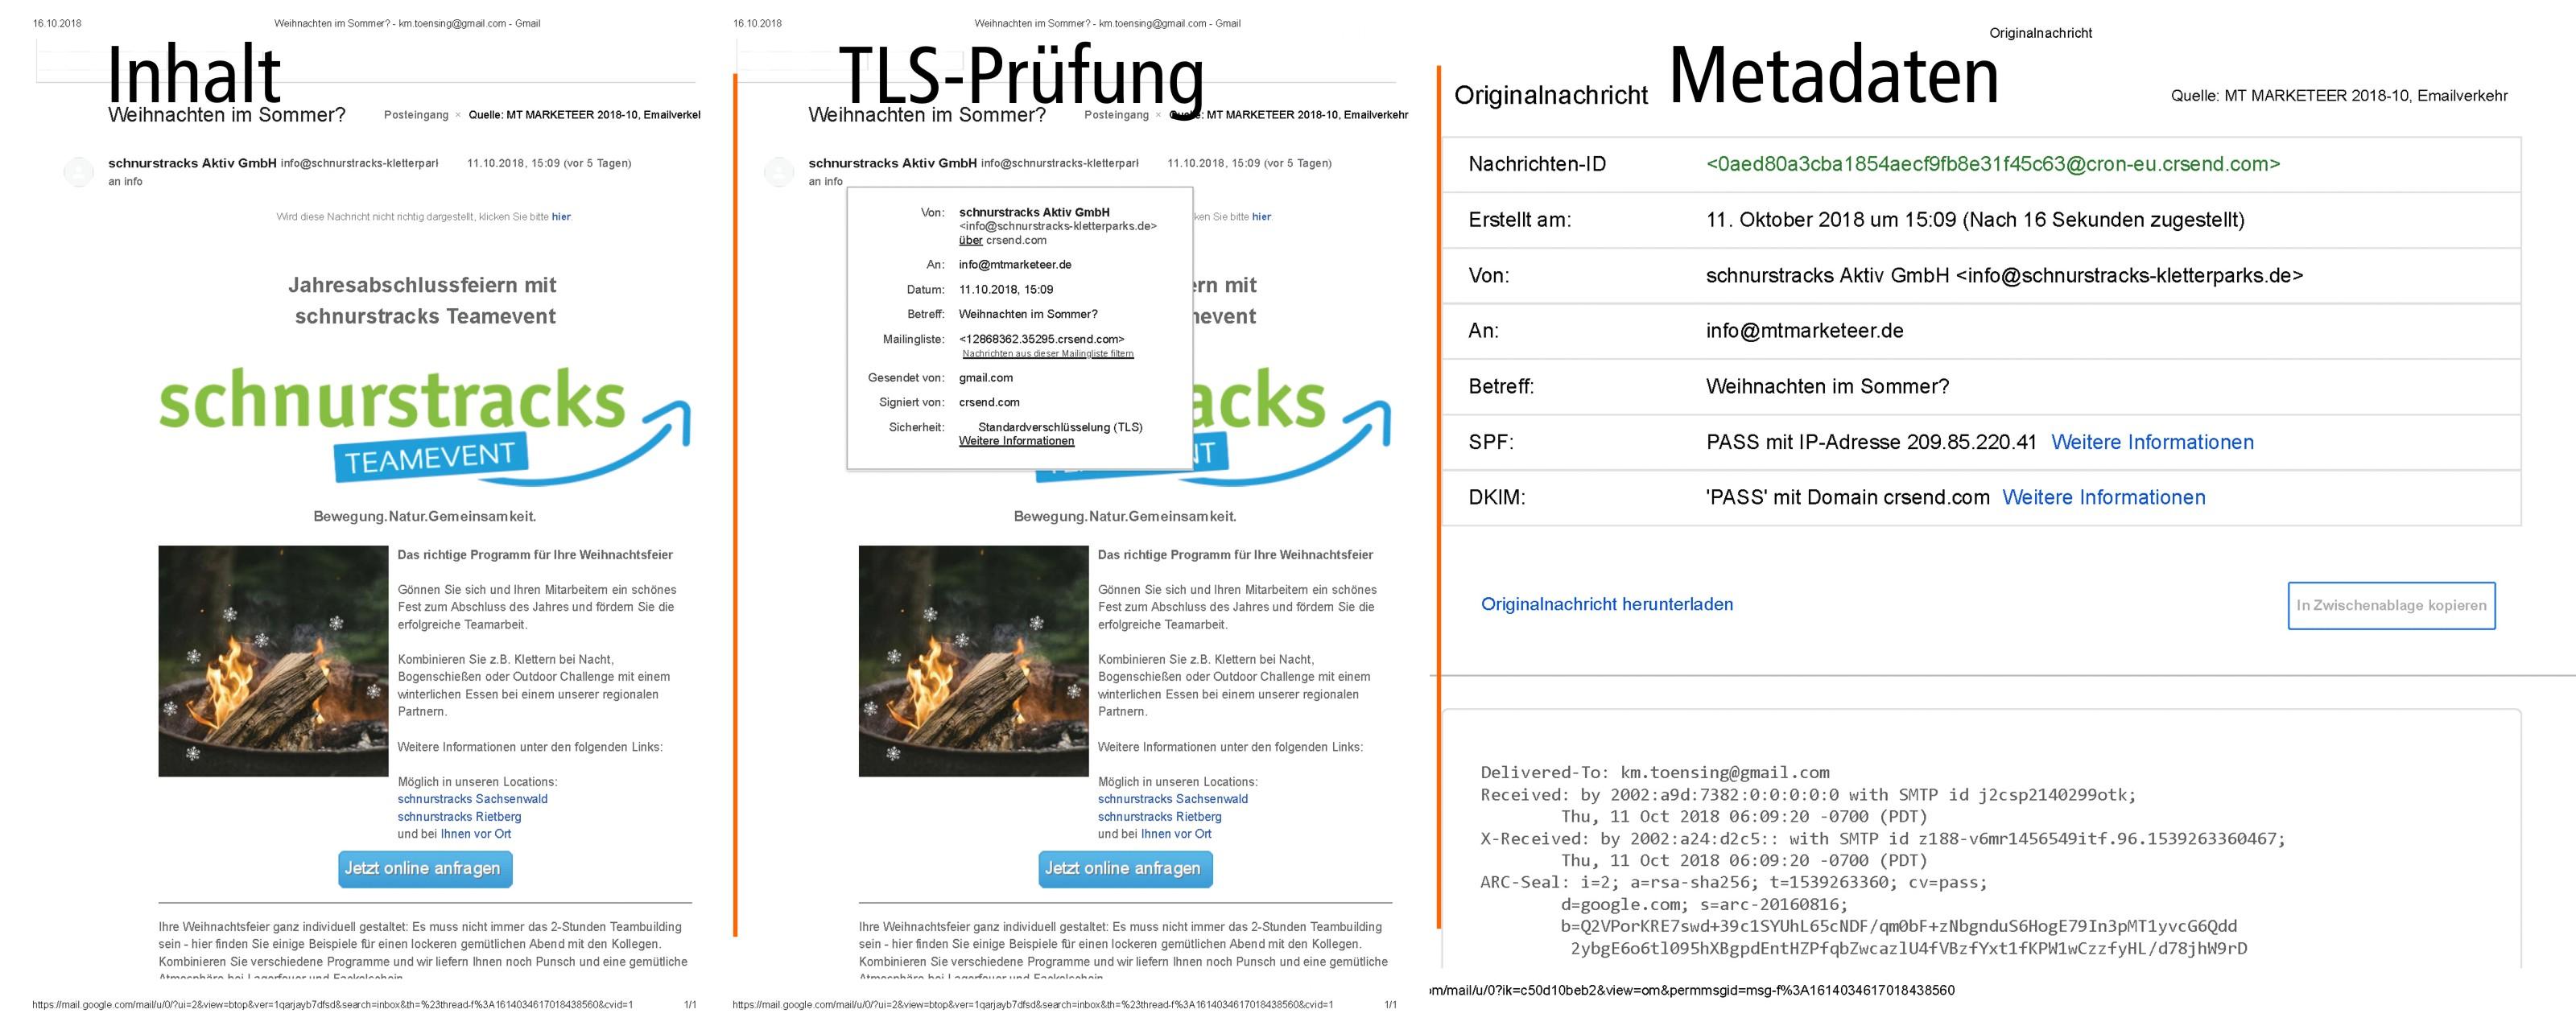 DS-DVO - Email, ein Beispiel E-Mails enthalten zusätzlich zu den Inhaltsdaten (d.h. dem Text der Mail und etwaigen Anhängen) auch Metadaten wie Absender und Empfänger, das Datum und den Betreff. Sowohl Inhalts- als auch Metadaten können personenbezogene Daten beinhalten. Daher sind bei der datenschutzrechtlichen Beurteilung beide Datenarten zu berücksichtigen. Quelle und (c): LDI.NRW.DE und MT MARKETEER, Michael Tönsing